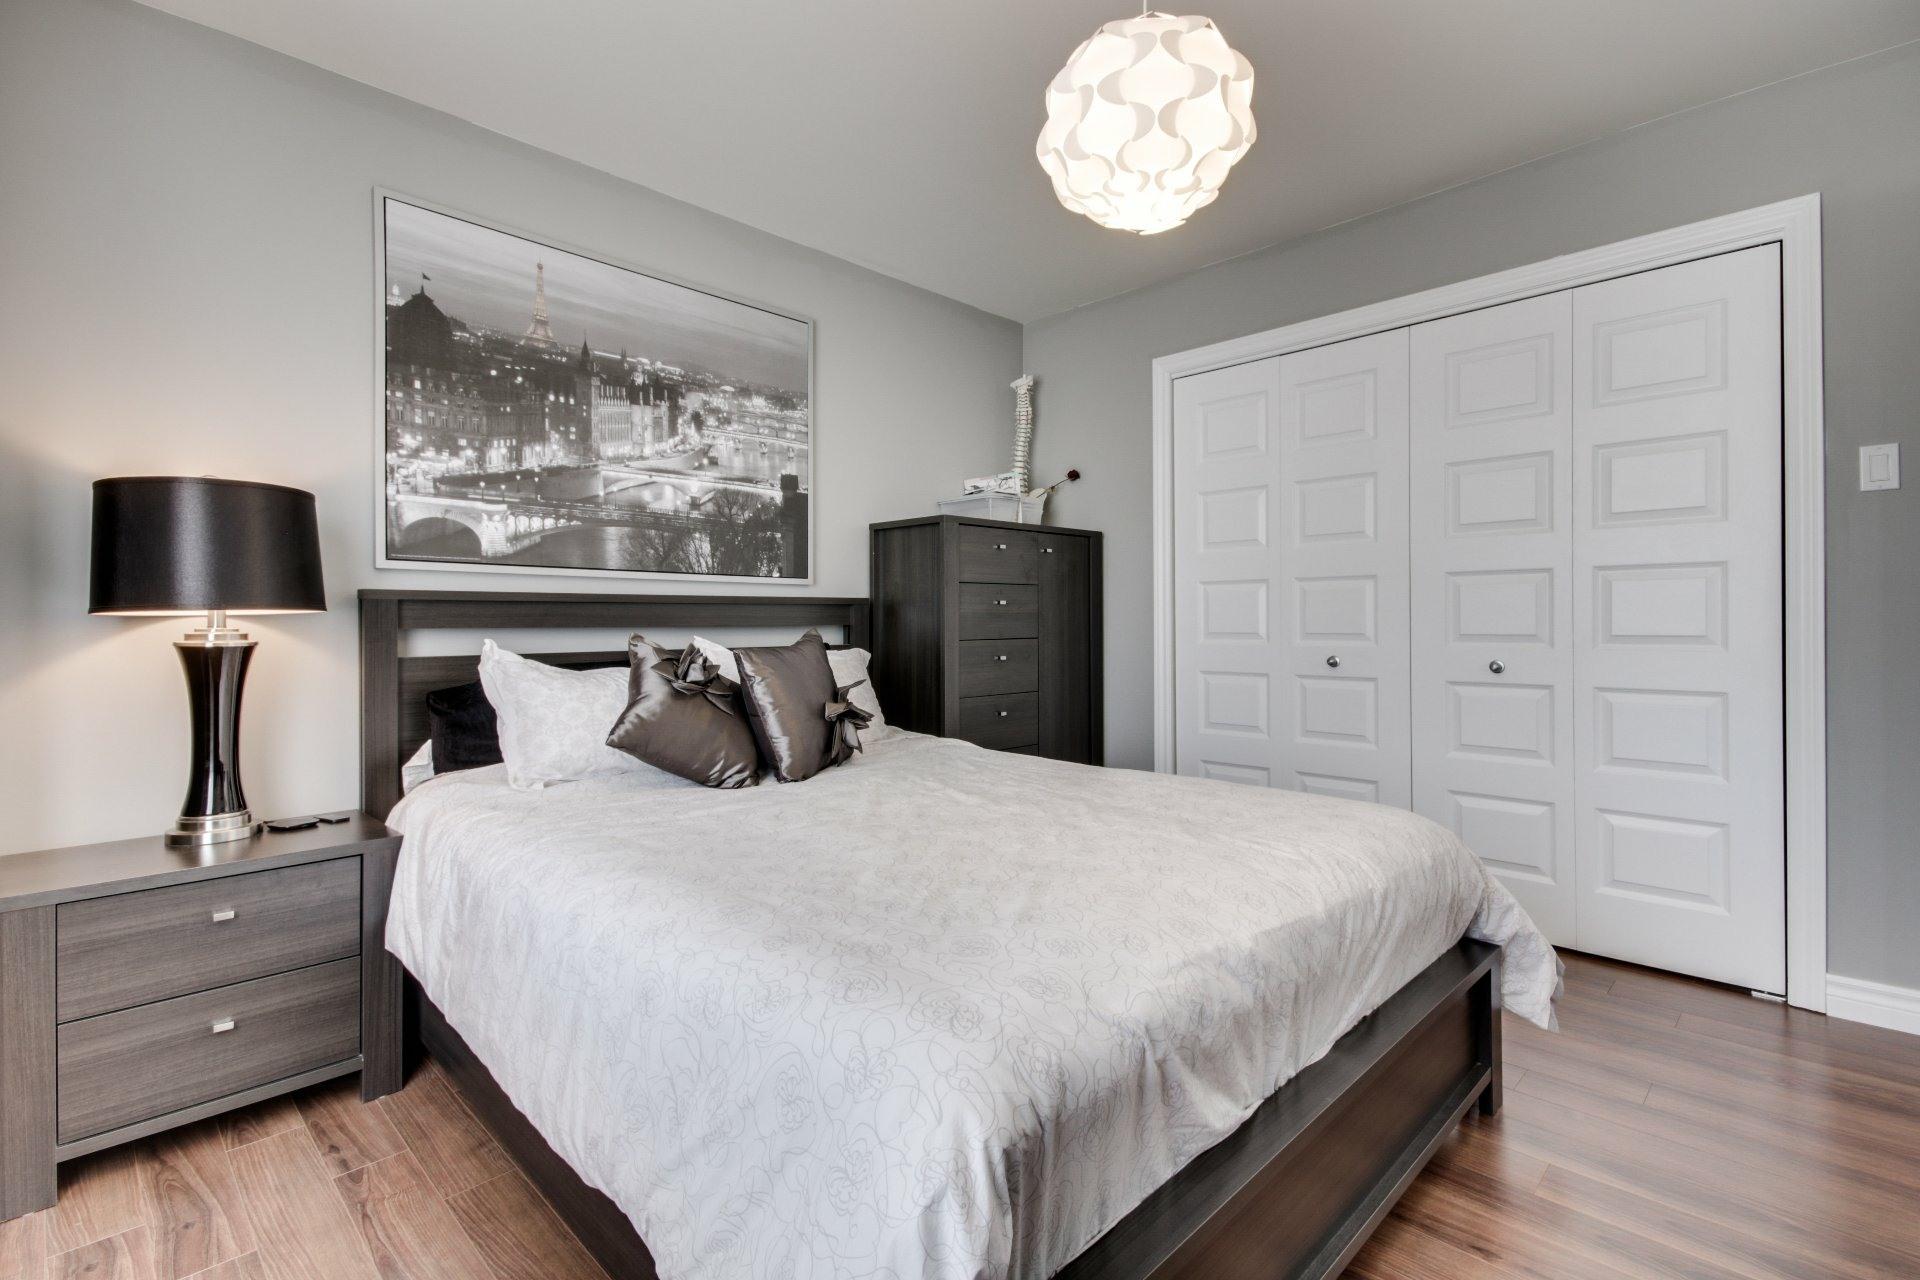 image 19 - Apartment For sale Trois-Rivières - 6 rooms